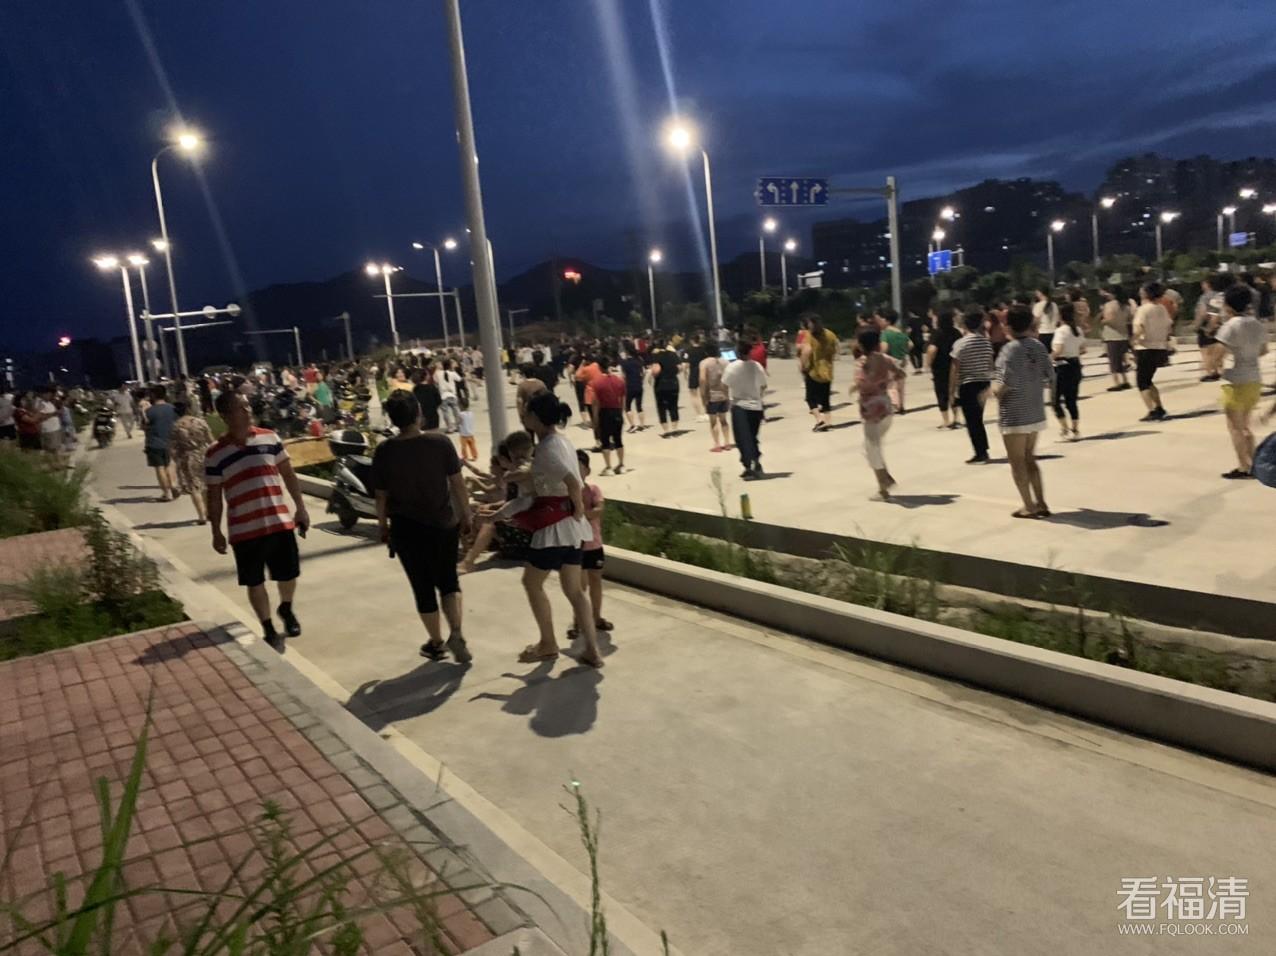 咨询东部新城市民娱乐休闲公园场地